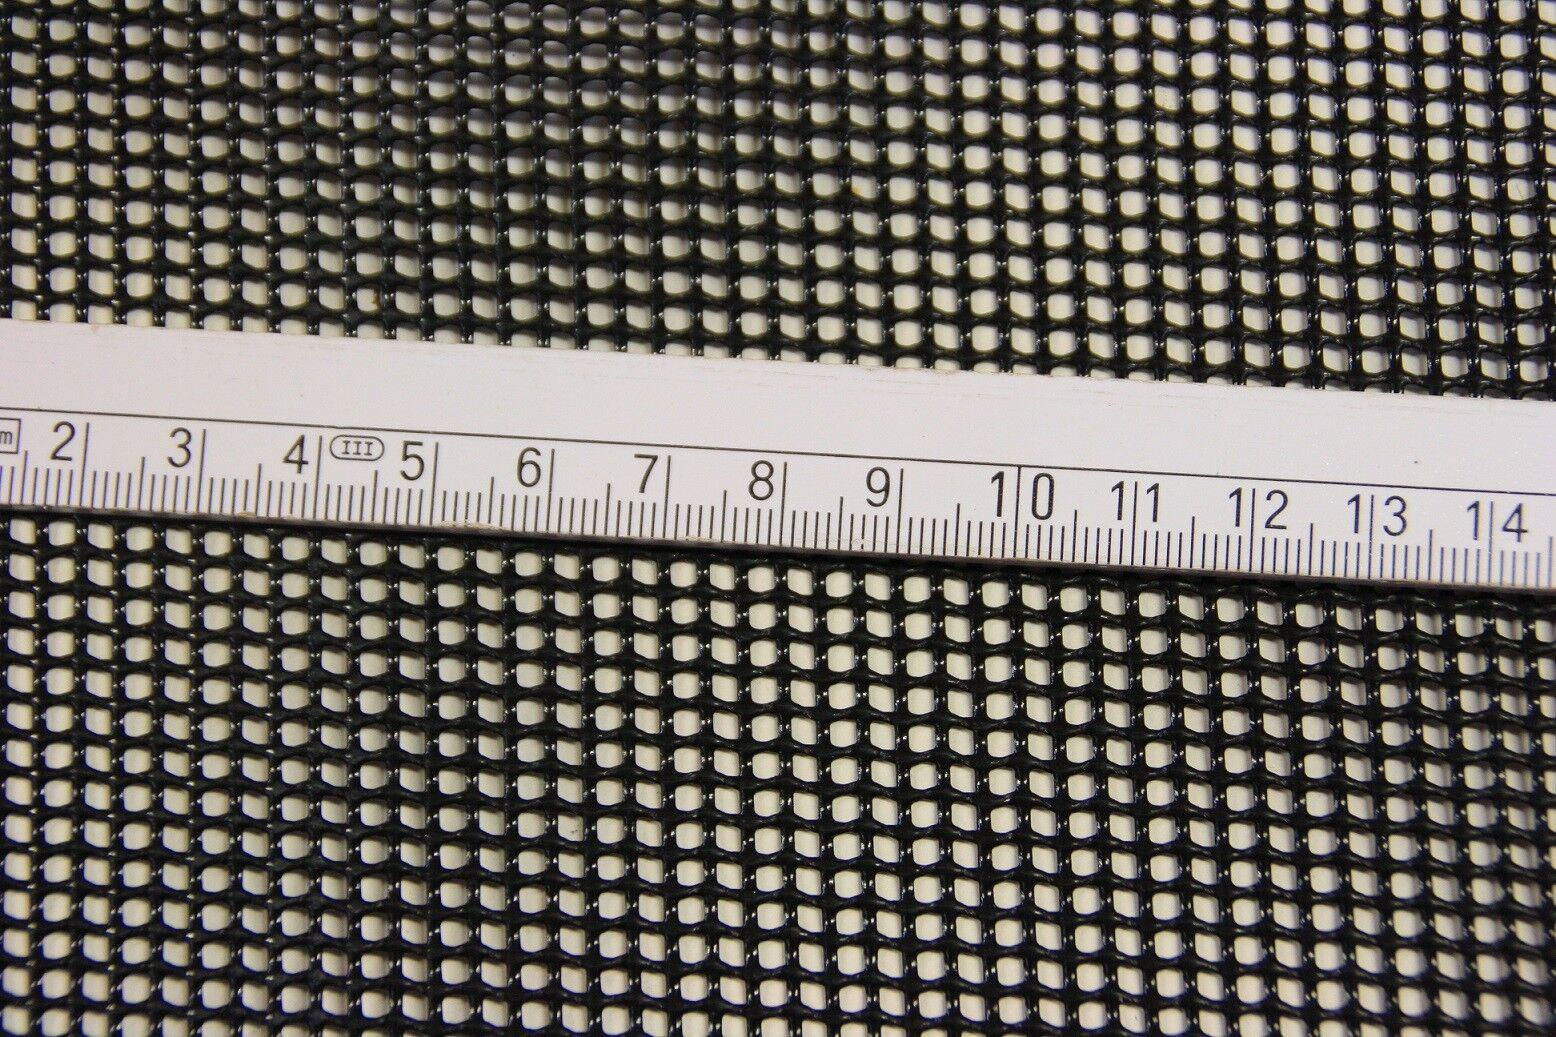 fantastica qualità - m² diverse lunghezza 400g m² Nero Antivento Antivento Antivento Vento Rete di protezione rete  negozio fa acquisti e vendite